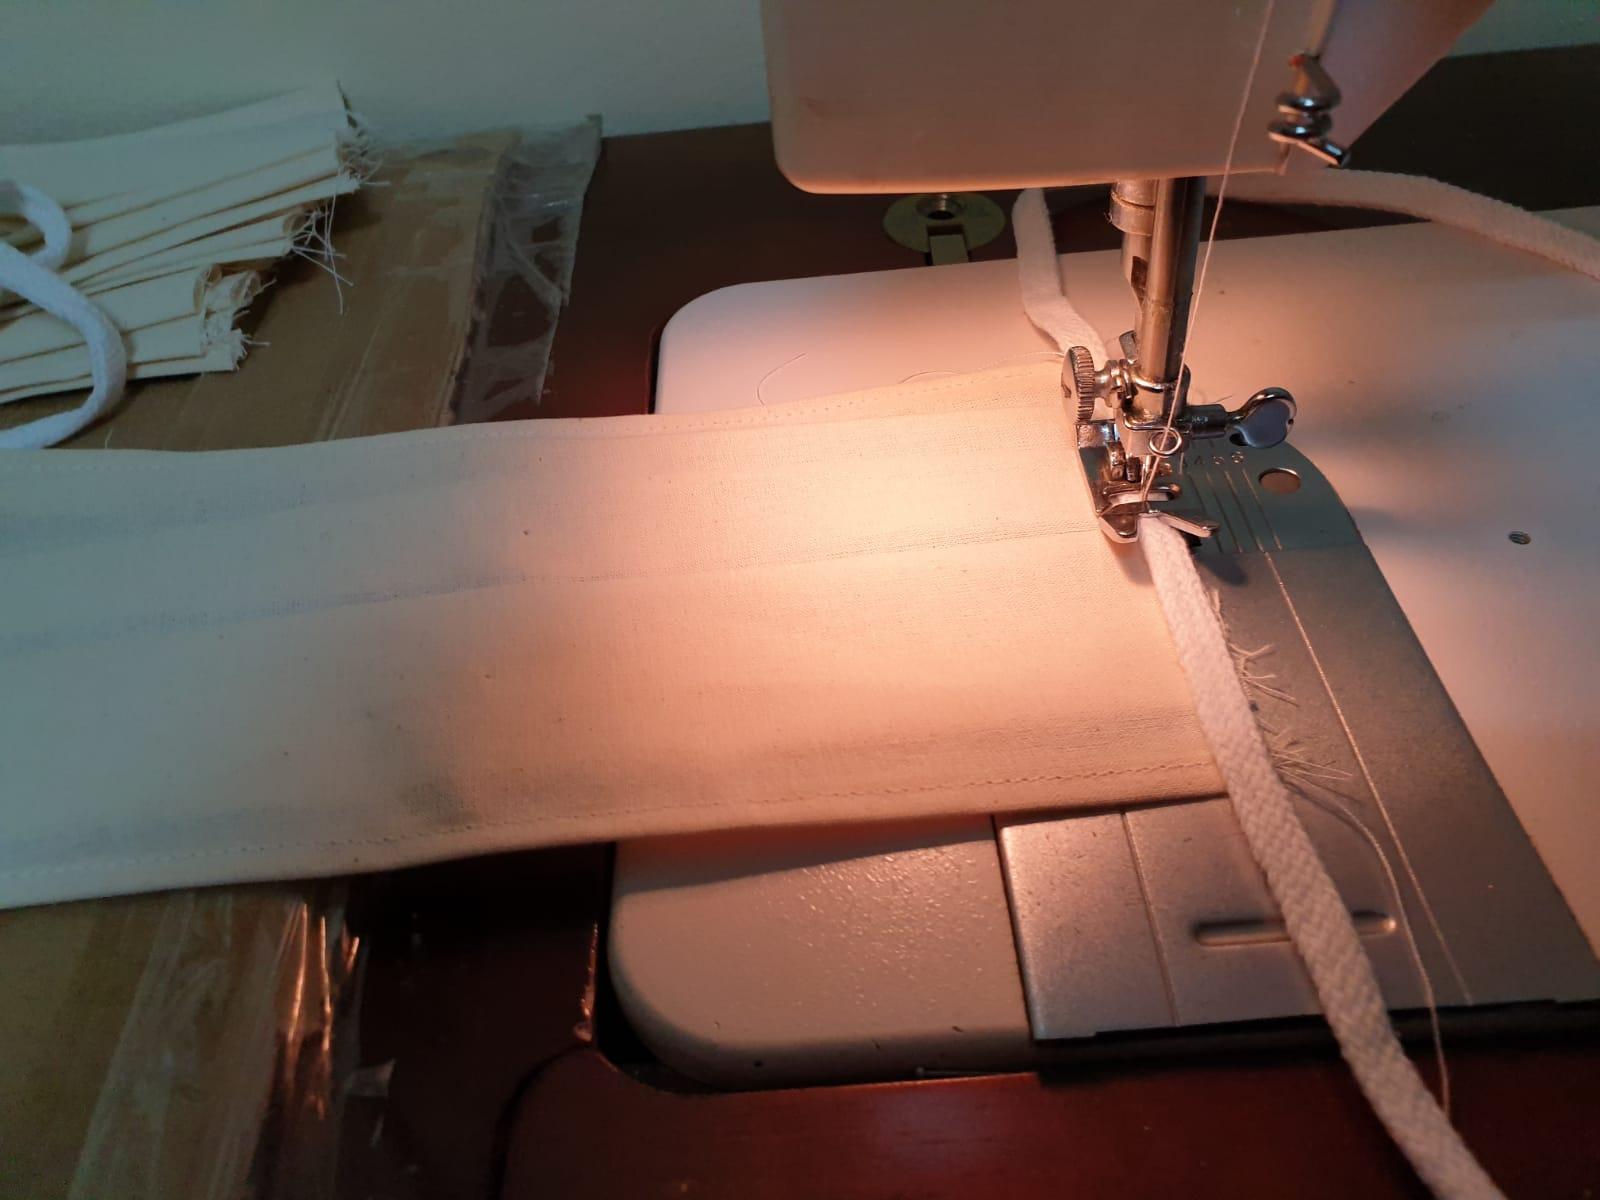 maquina-de-coser.jpg